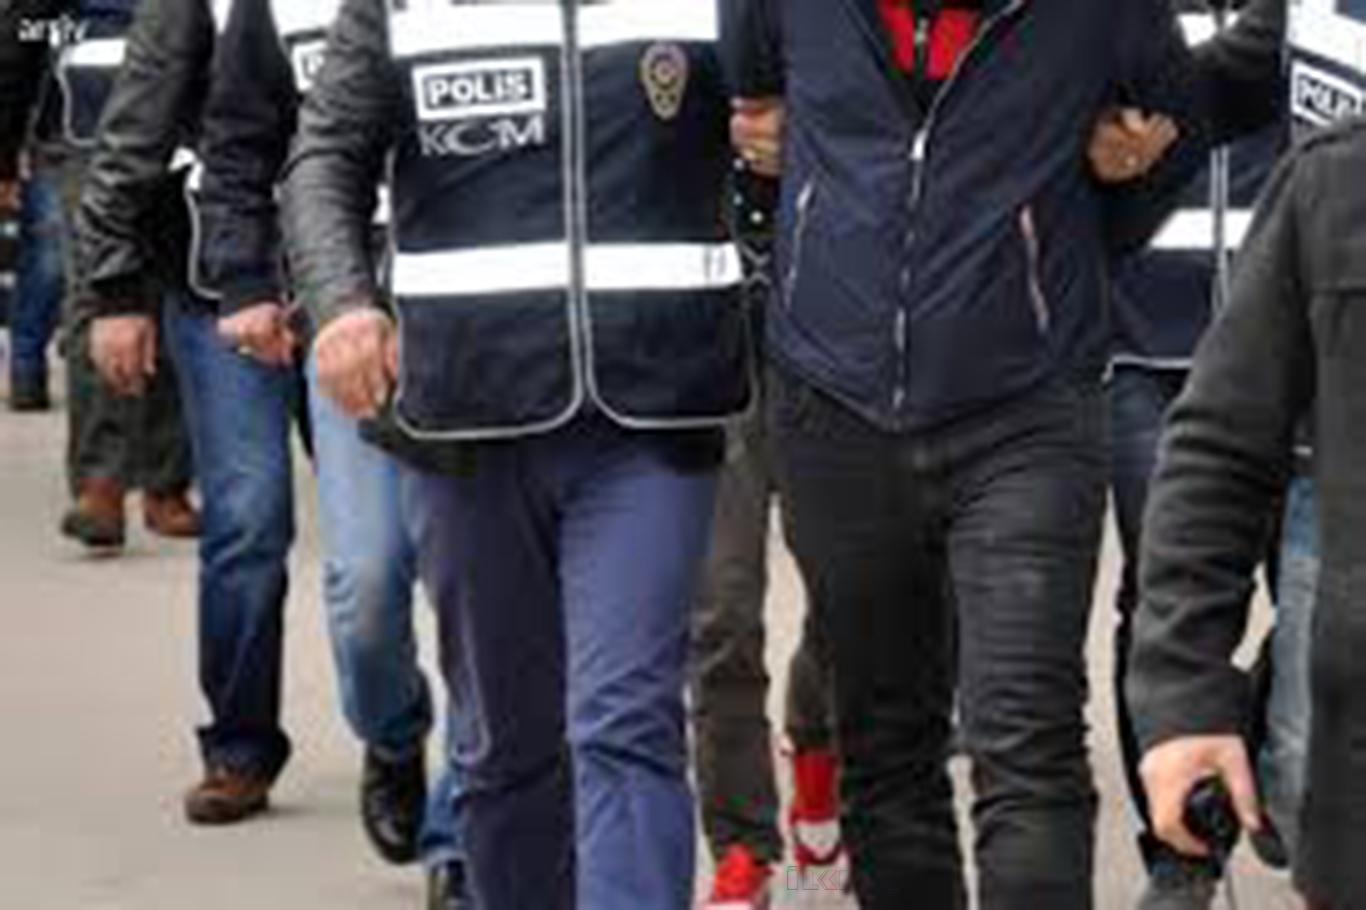 Şanlıurfa'da FETÖ operasyonunda 4 kişi tutuklandı